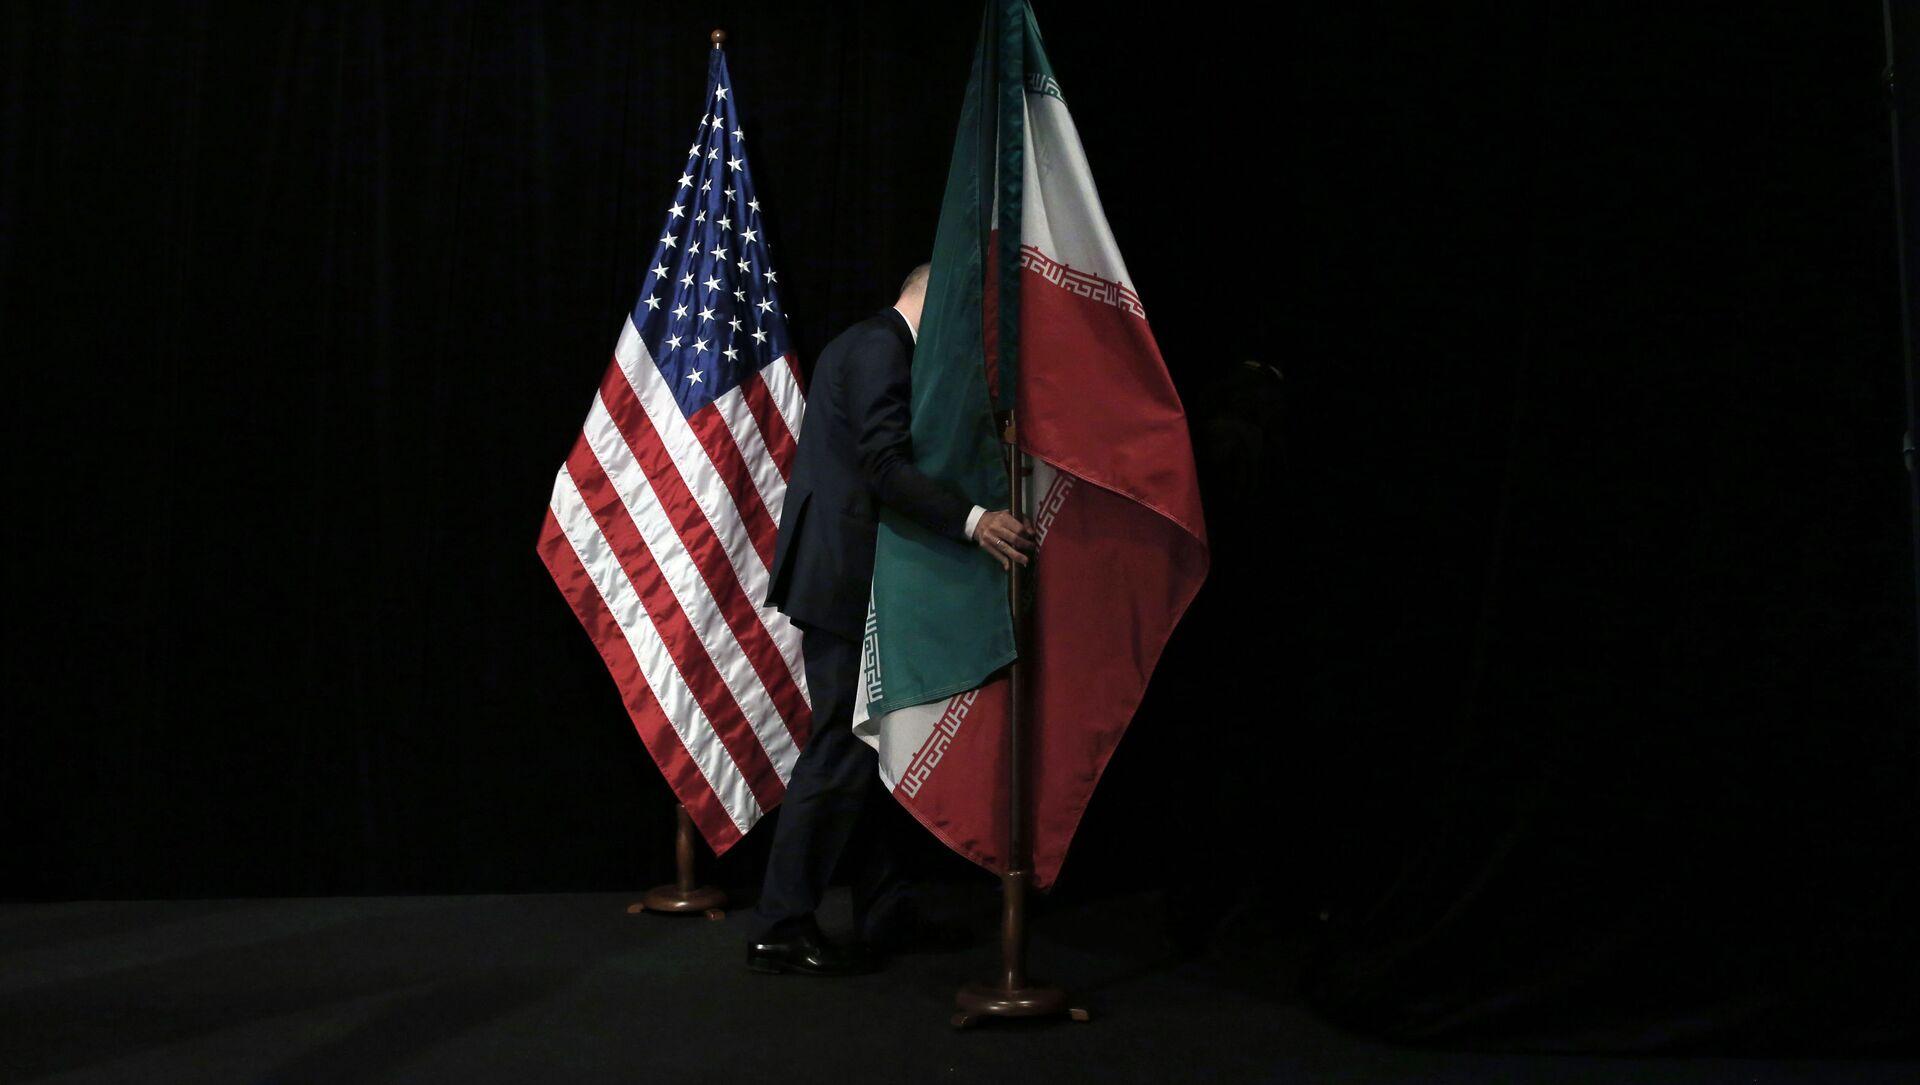 Le bandiere degli Usa e dell'Iran - Sputnik Italia, 1920, 07.05.2021